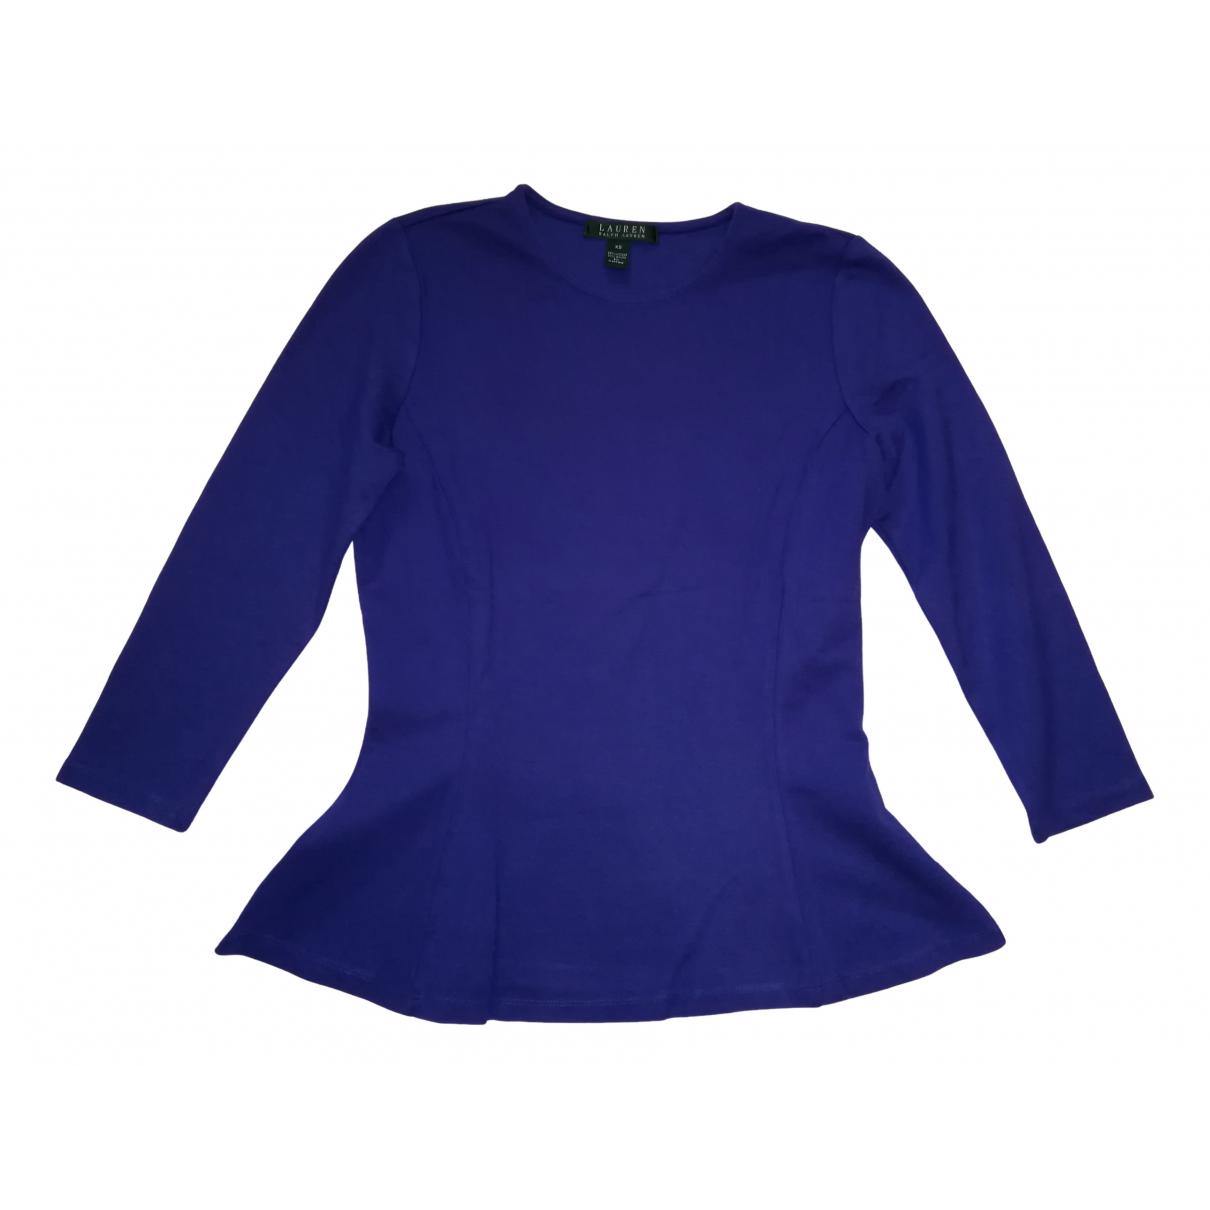 Lauren Ralph Lauren \N Purple  top for Women XS International